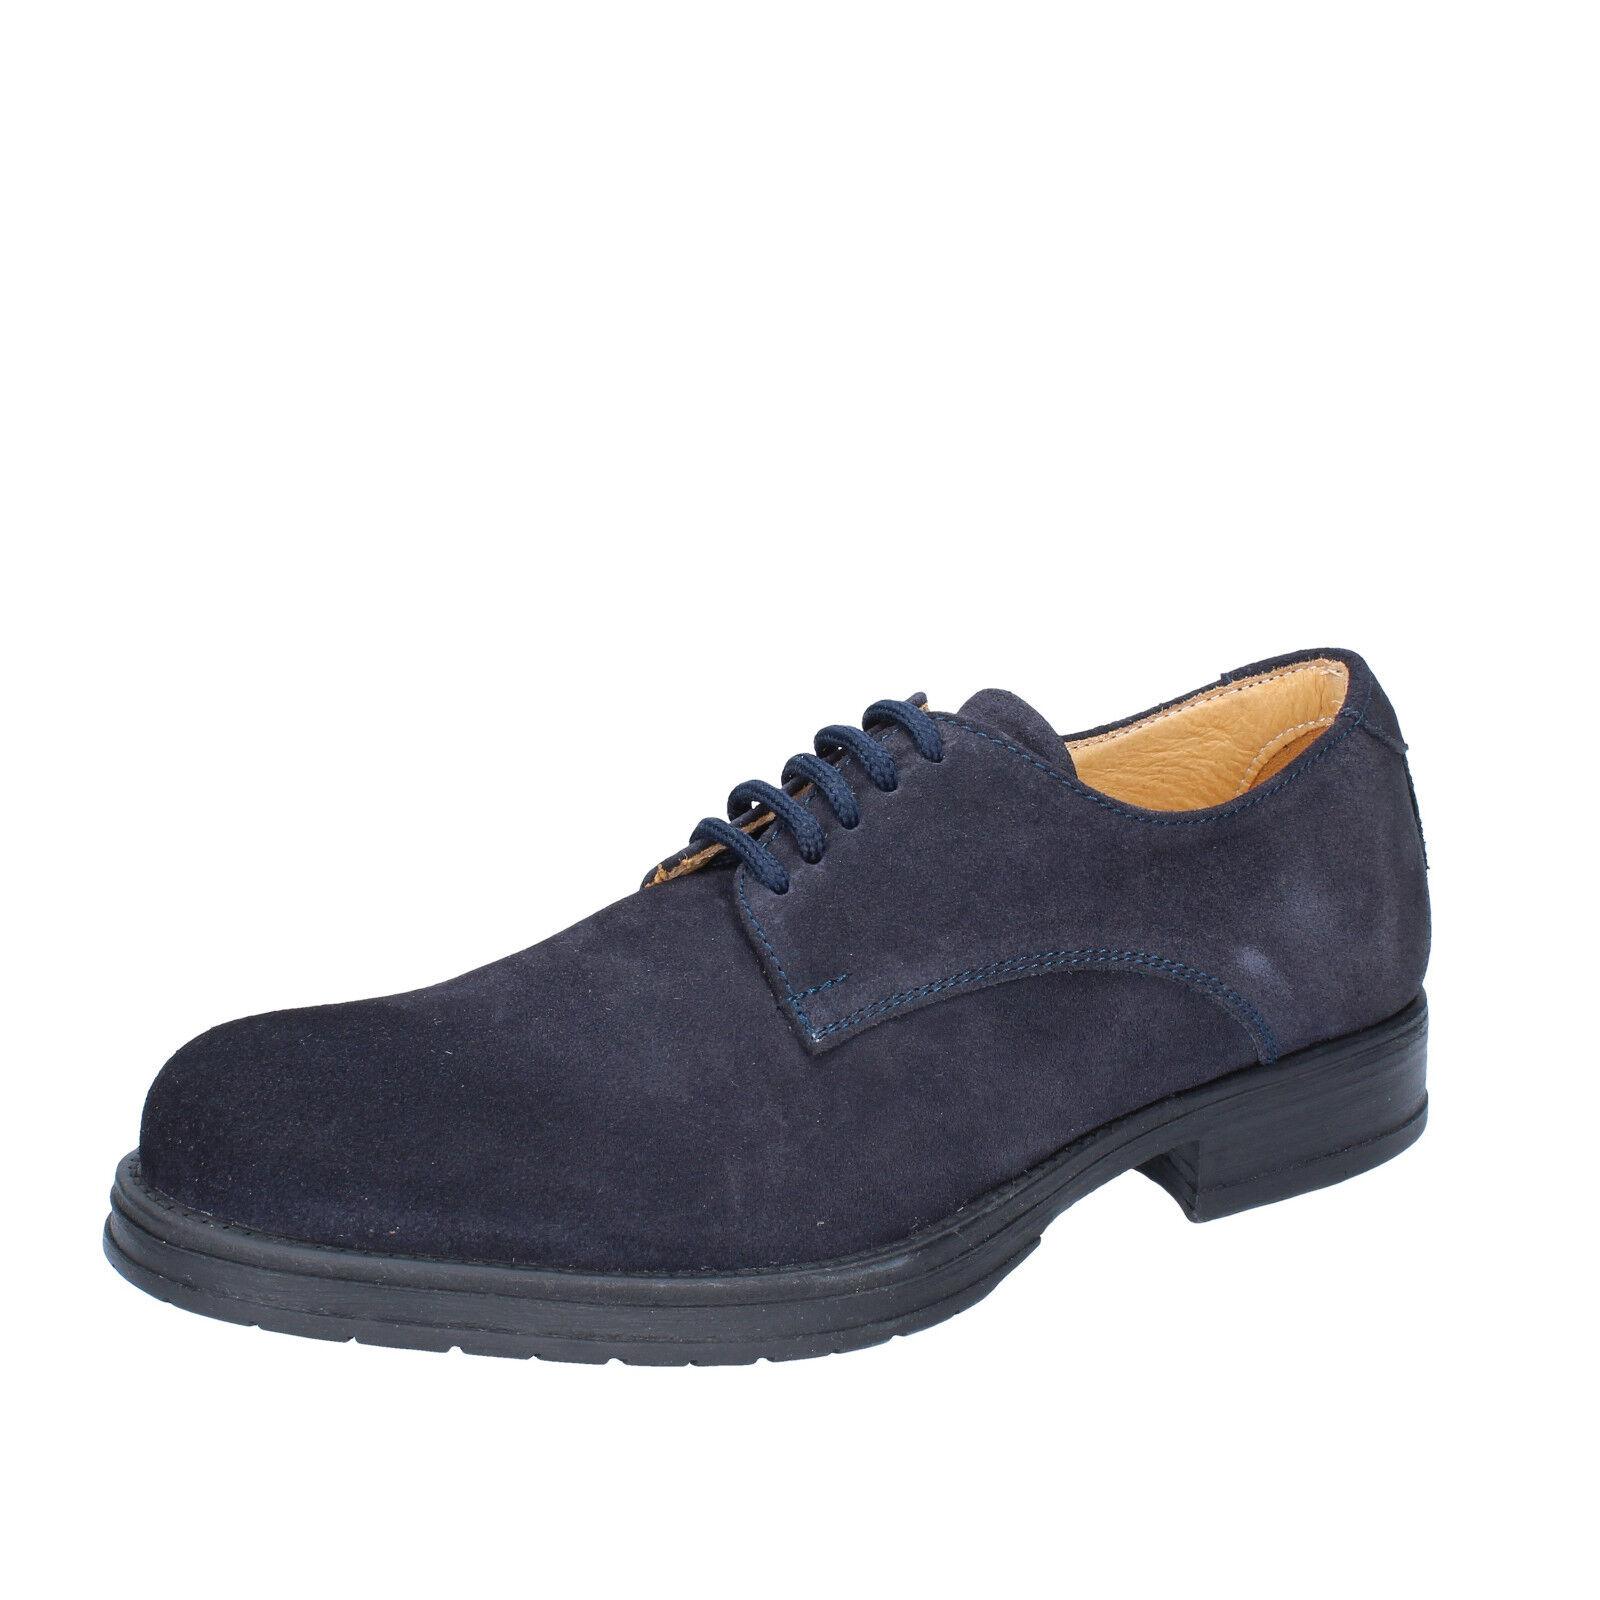 bz166 44 elegante Zapatos zapatos caballero gamuza azul de RL54A3j